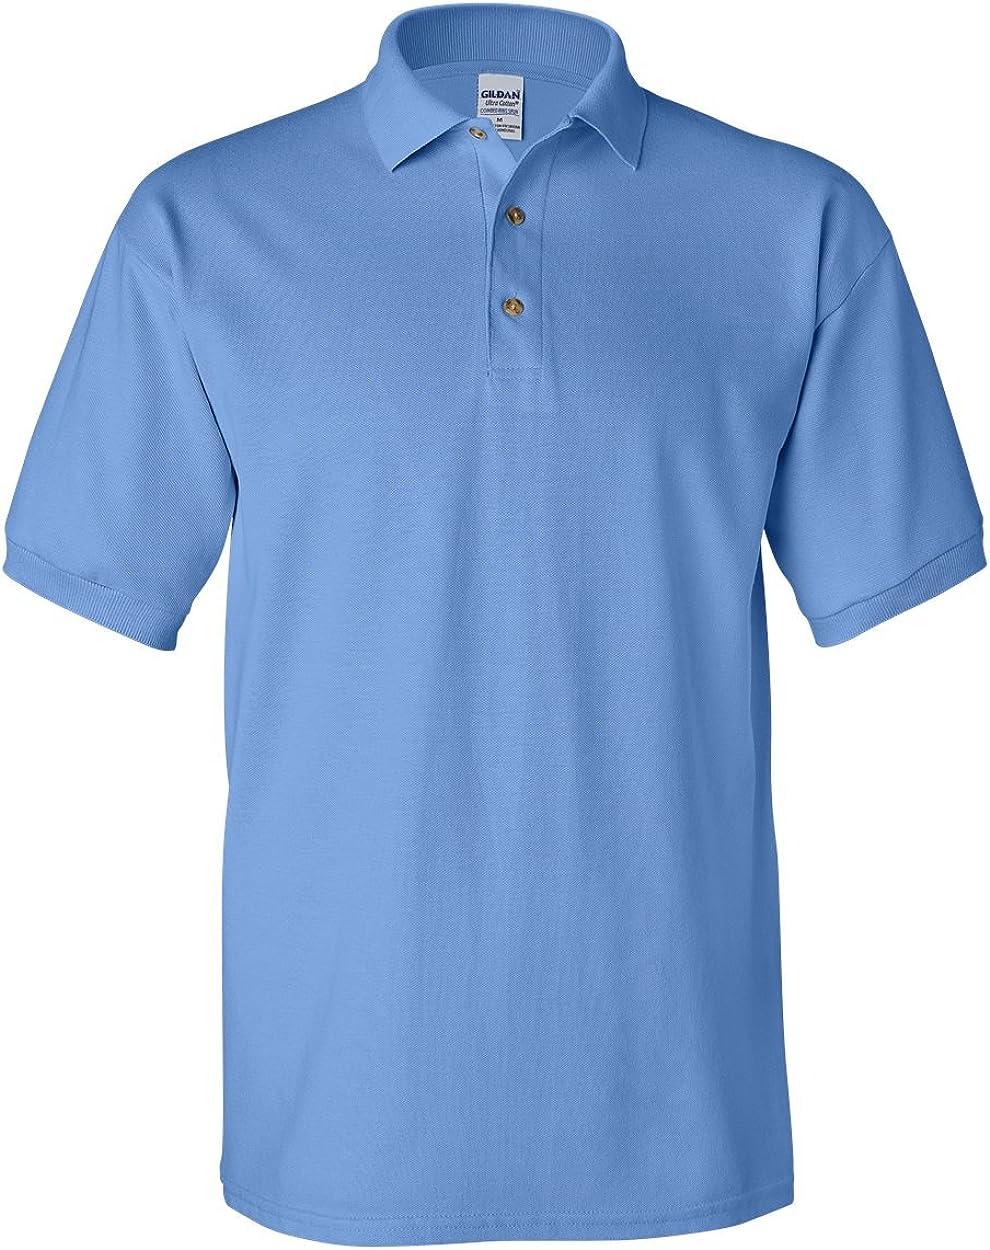 Carolina Blue G380 Pack of 12 XL Pique Polo Gildan Ultra Cotton 6.5 oz